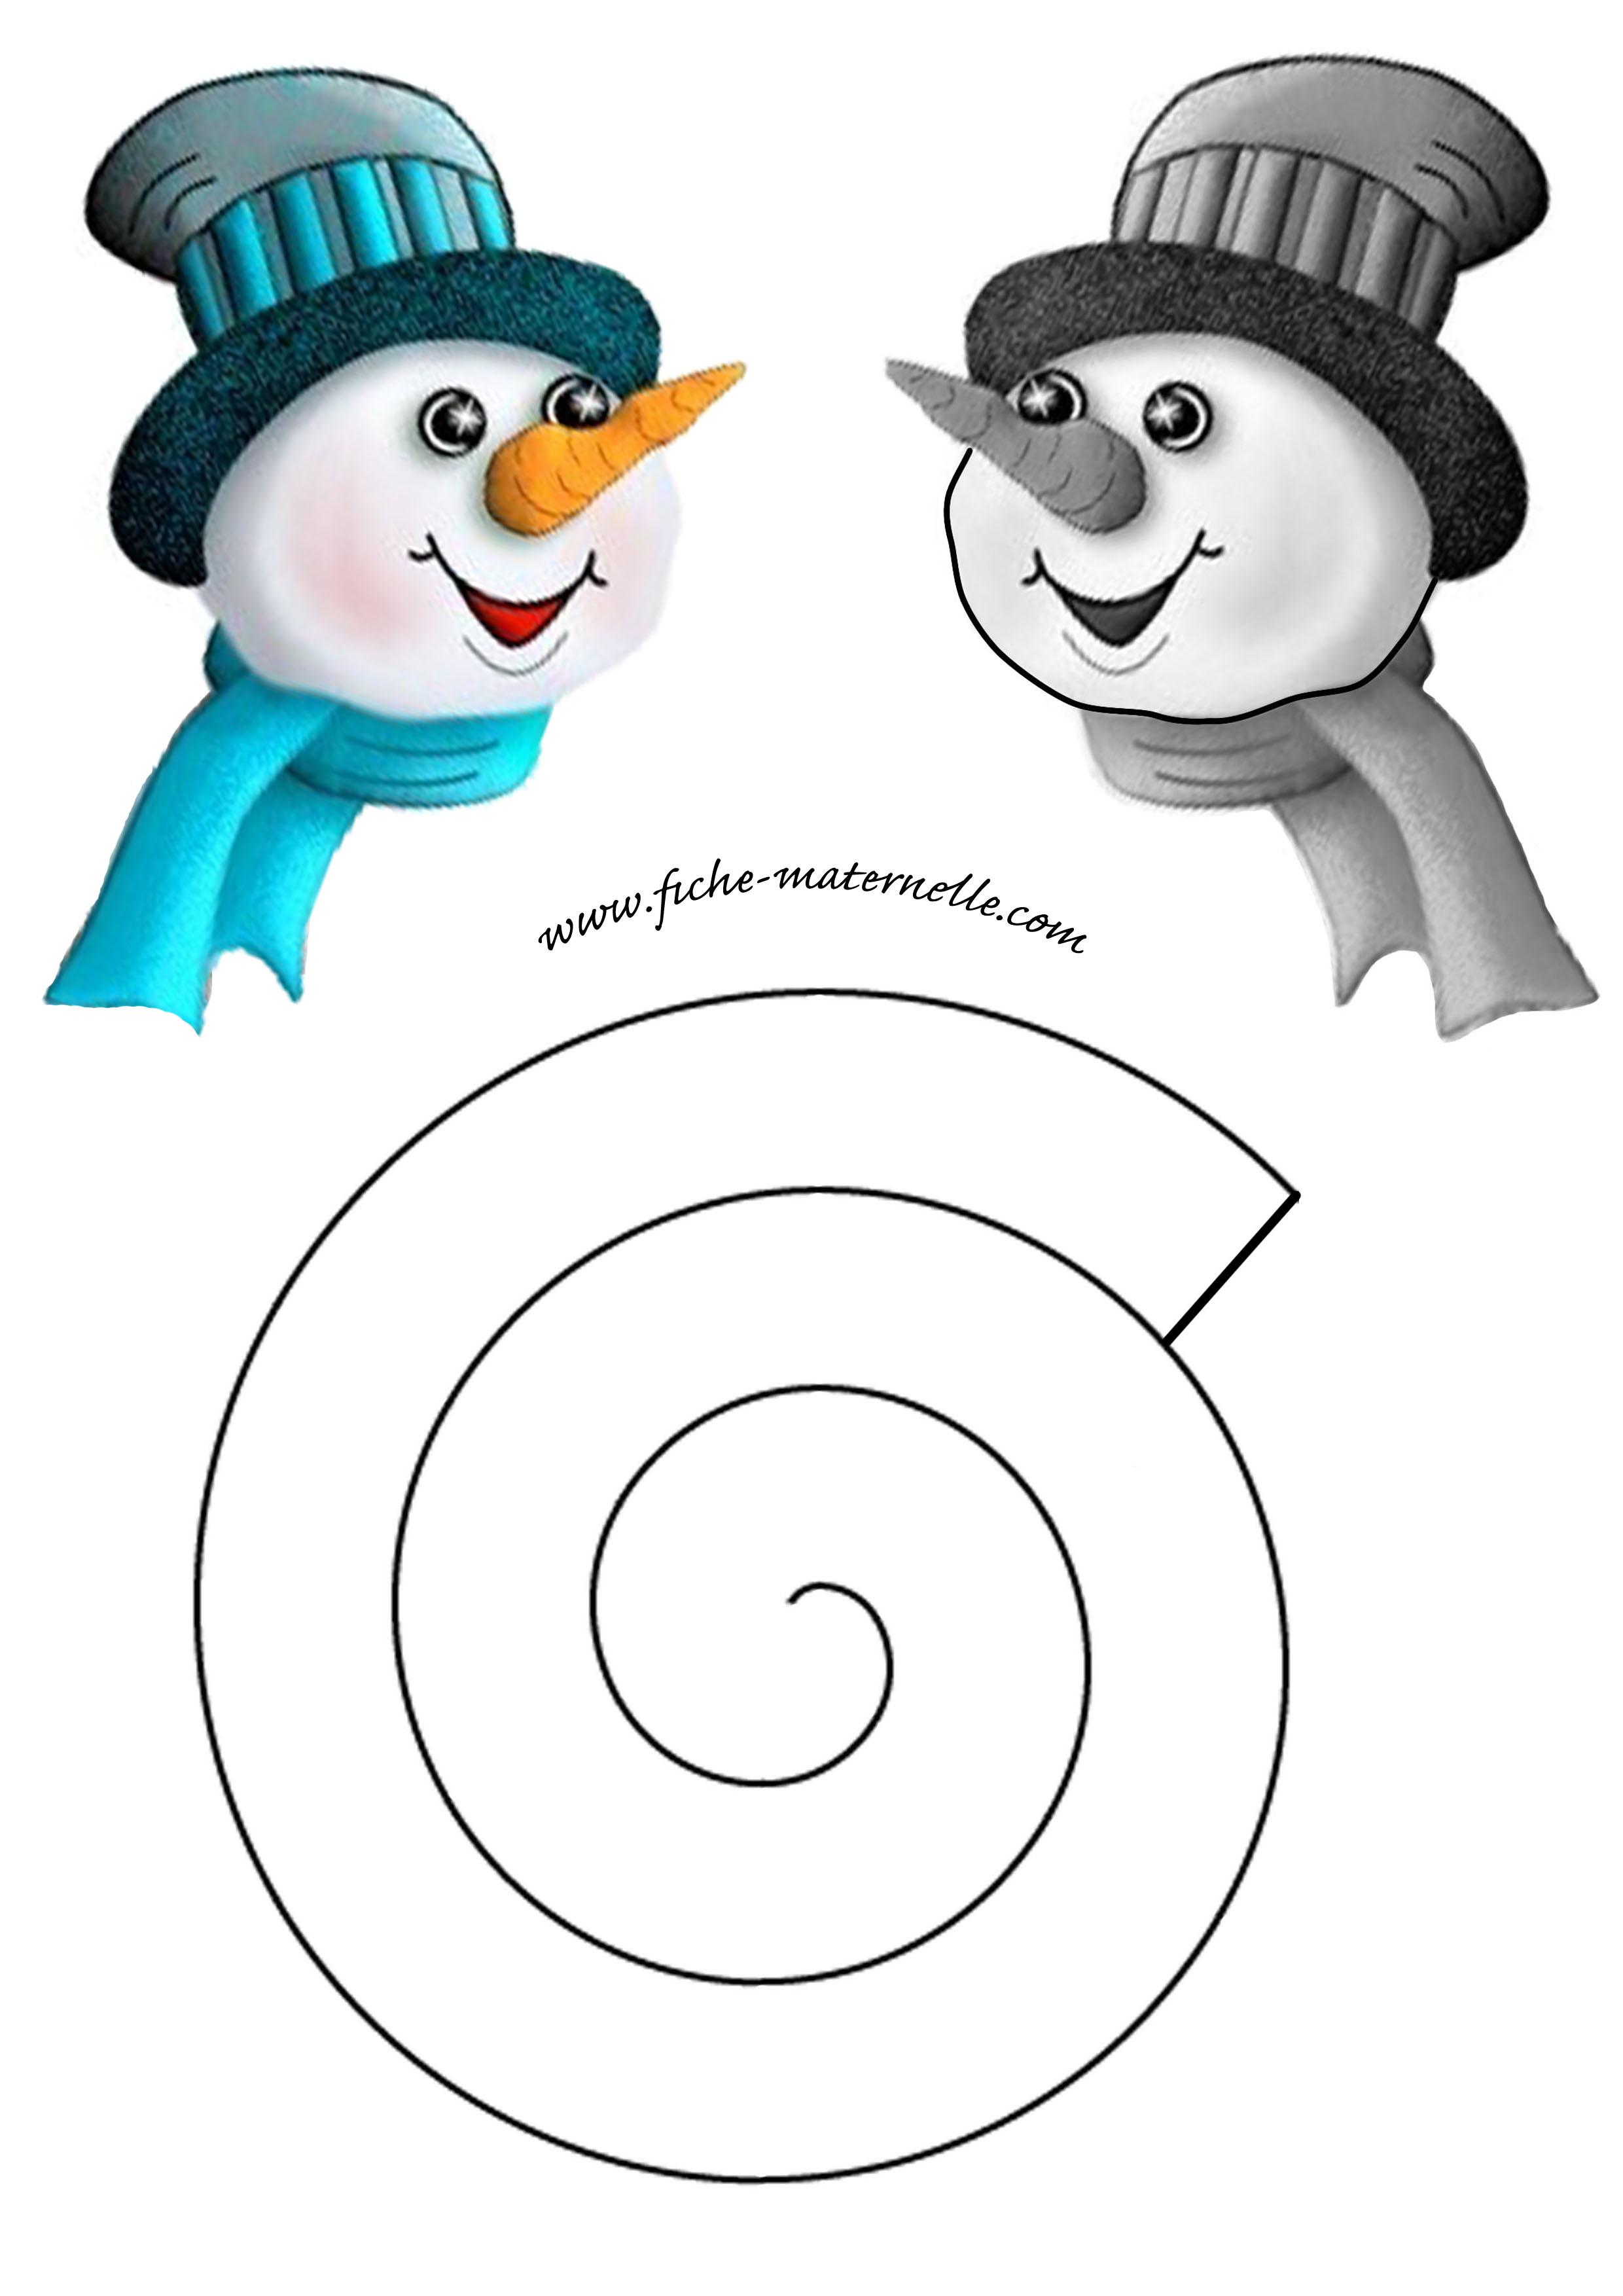 #08A0B9 Décoration De Noël En Maternelle 6333 décoration noel a fabriquer bonhomme de neige 2480x3508 px @ aertt.com